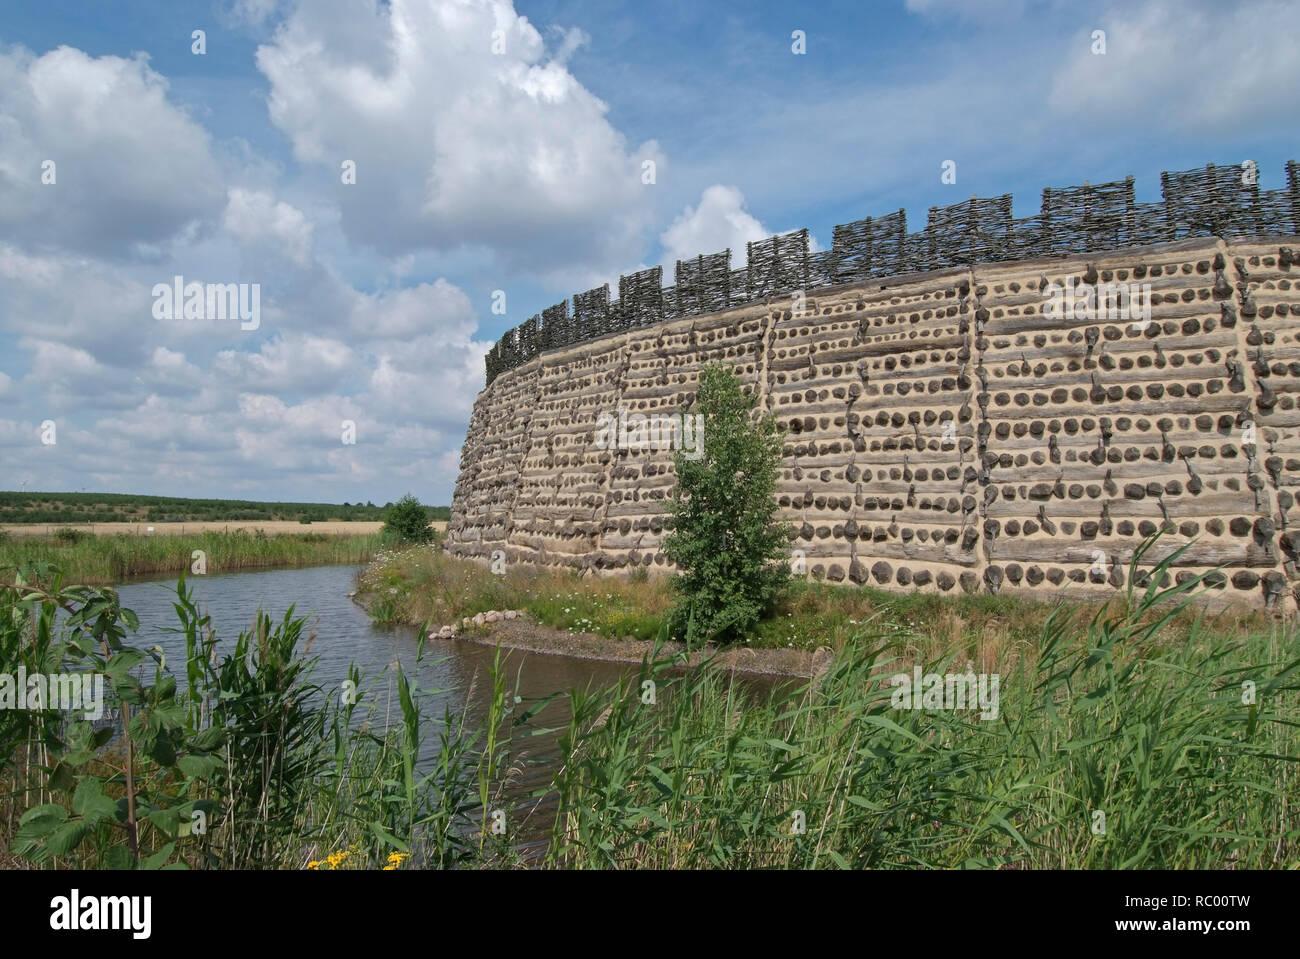 Slawenburg Raddusch bei Vetschau, Spreewald, Landkreis Oberspreewald-Lausitzkreis, Land Brandenburg, Deutschland, Europa | castle for the Wends, Wend' Stock Photo